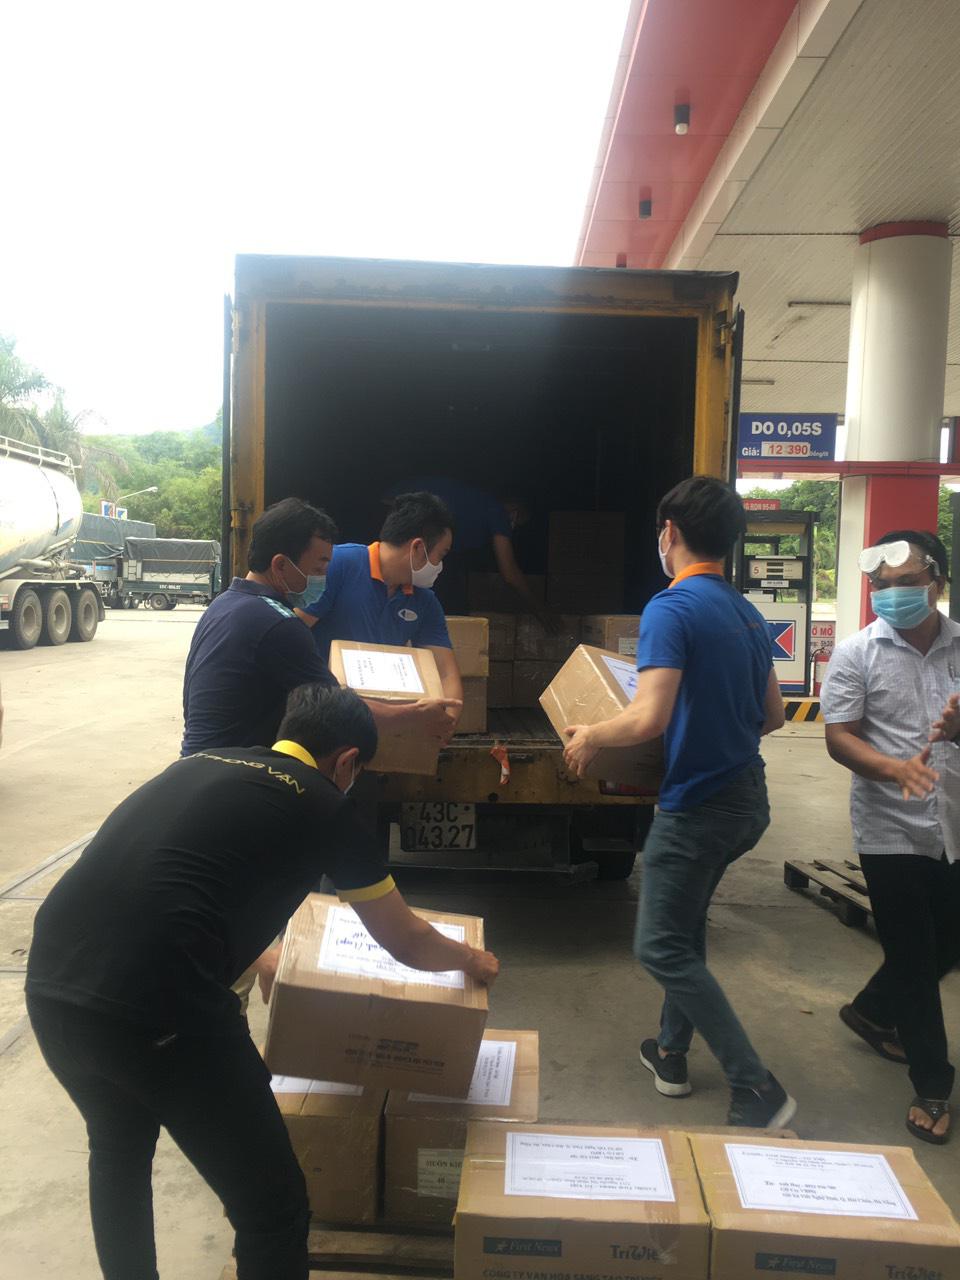 First News và các doanh nghiệp tặng 25.000 khẩu trang vải và sách cho người dân Đà Nẵng - Ảnh 2.